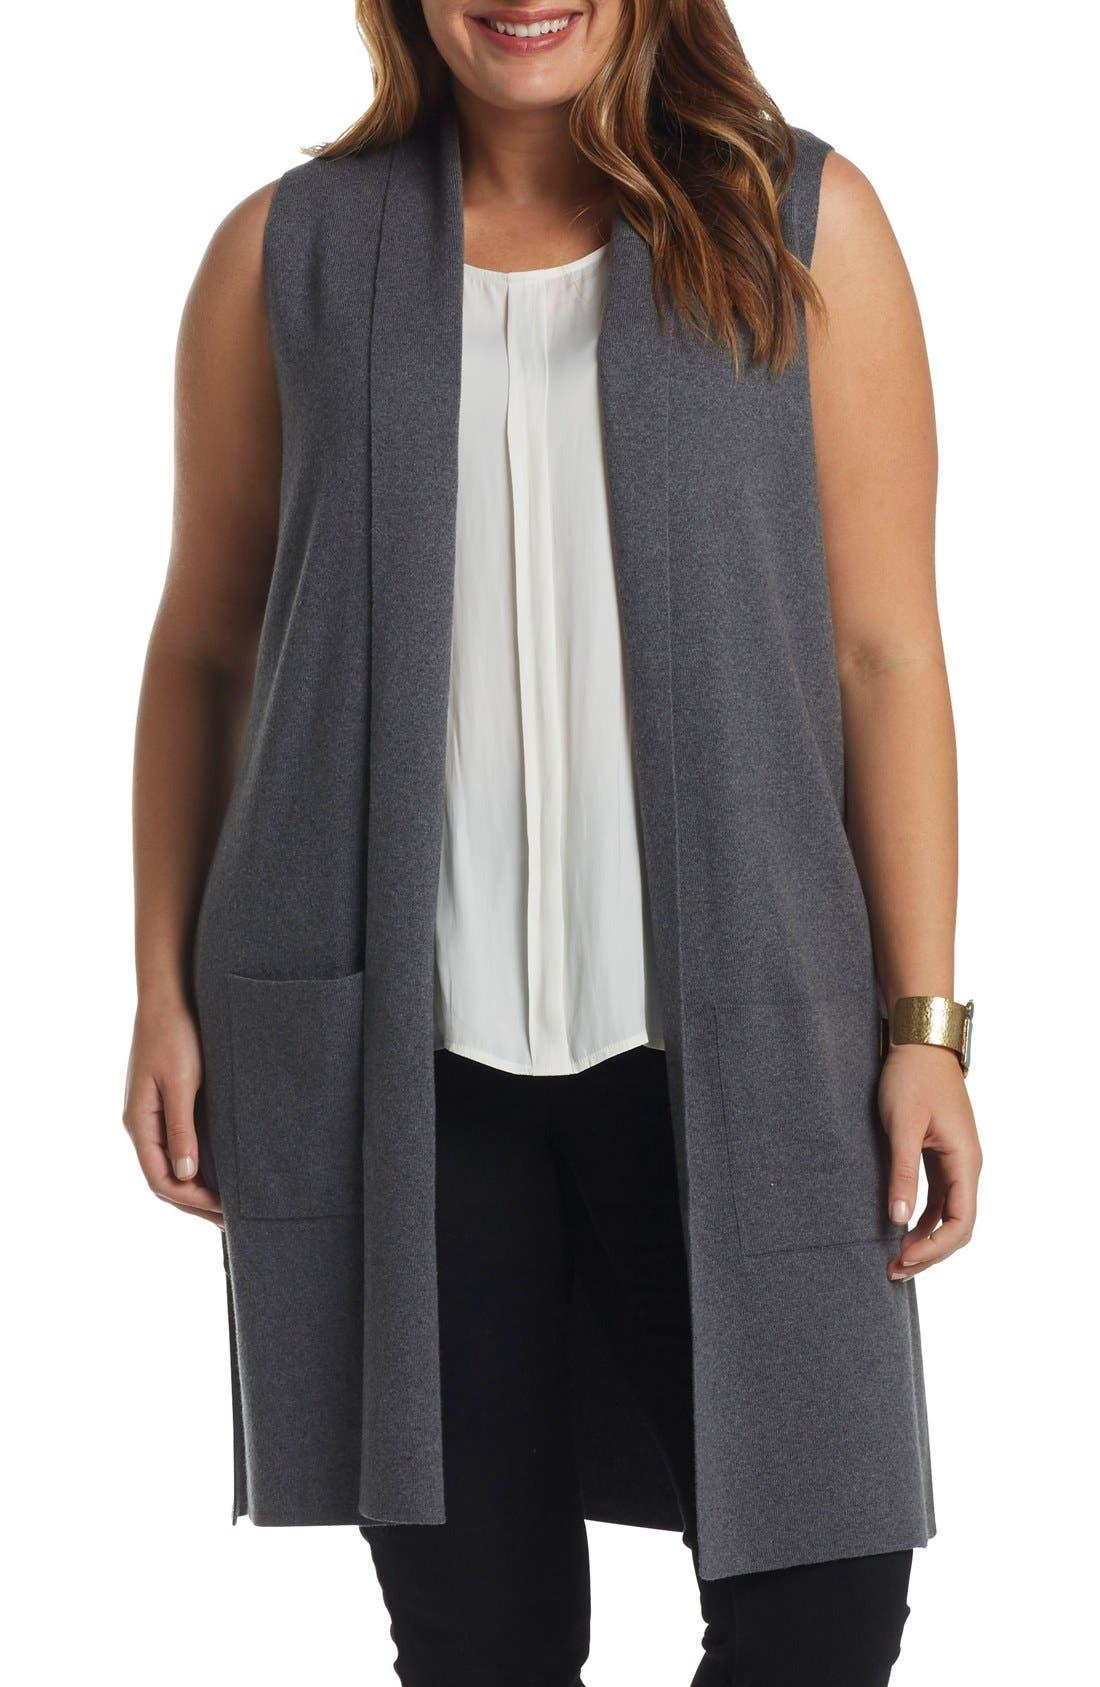 Melva Cotton & Cashmere Open Front Sweater Vest,                             Main thumbnail 1, color,                             023